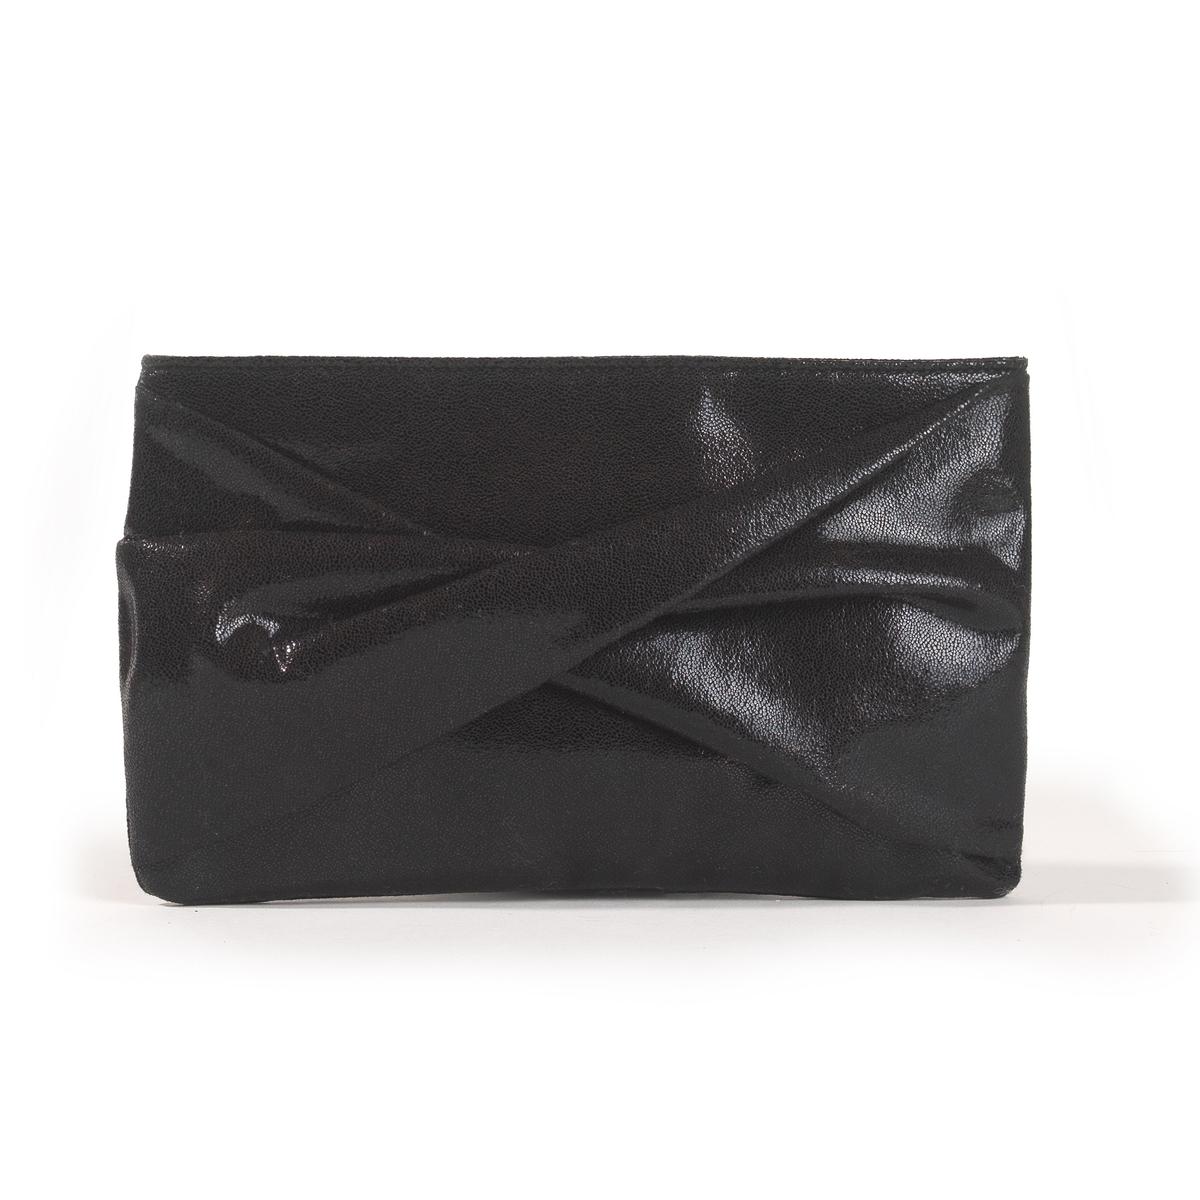 Сумка-клатчСумка-клатч. Оригинальная сумка, красивая отделка спереди. Съемная цепочка.  Застежка на магнит. 1 внутренний карман для мобильного.Состав и описание :Материал : Верх из синтетического материала.Подкладка : полиэстер..Размеры :  24 x 15 см.Марка : Anne Weyburn.<br><br>Цвет: черный